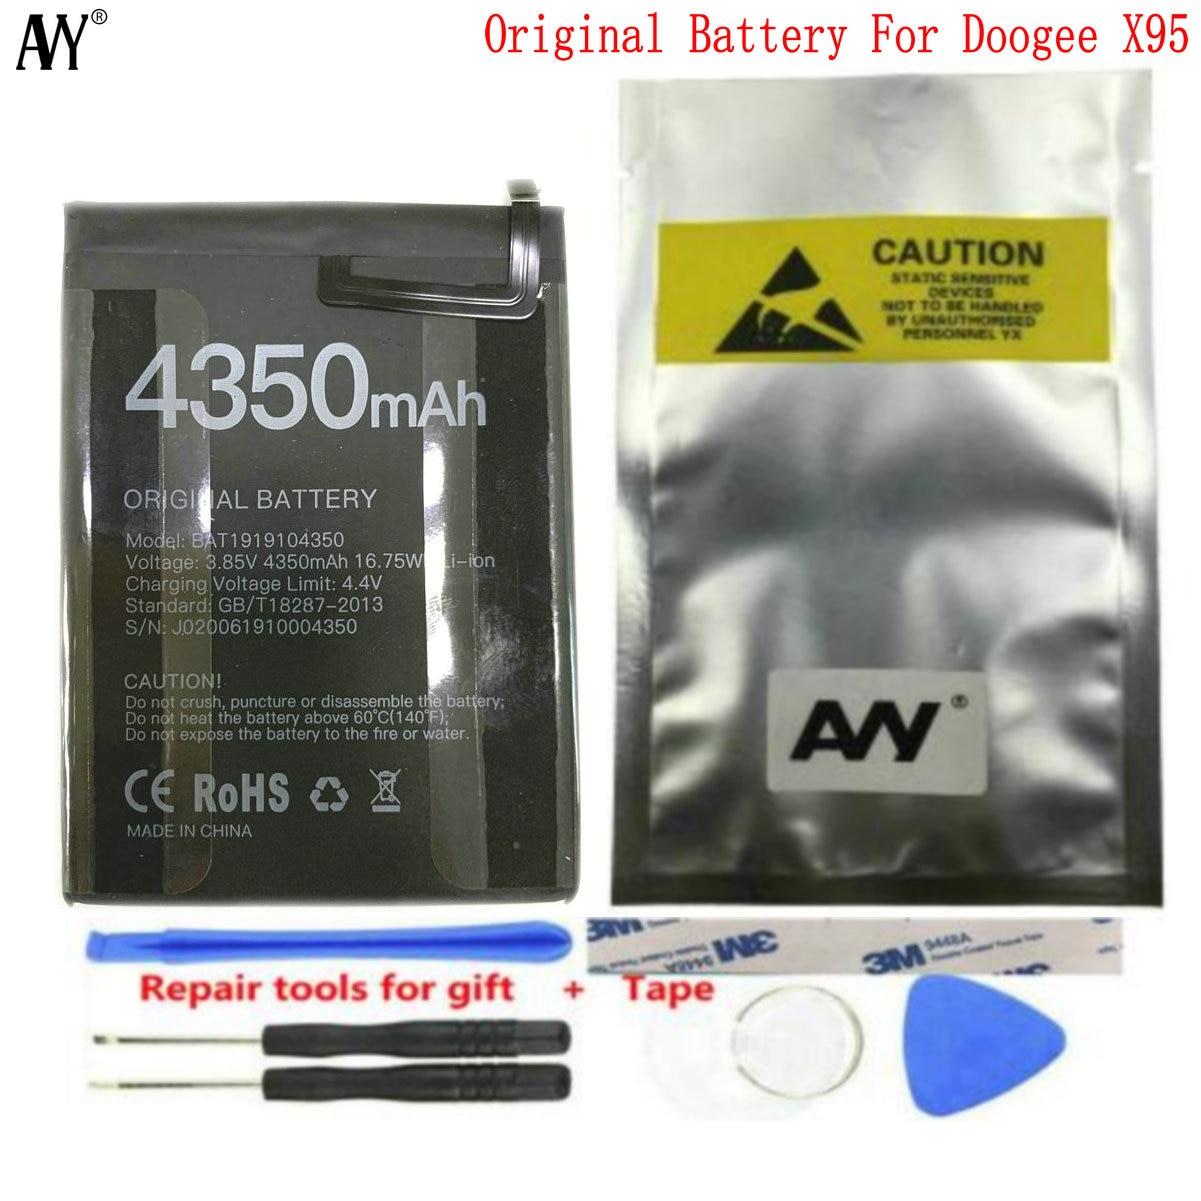 Аккумулятор AVY 4350 мАч Для Doogee X95 Pro, сменные Оригинальные аккумуляторы, перезаряжаемые литий-полимерные аккумуляторы 6,52 дюймов mtk6737